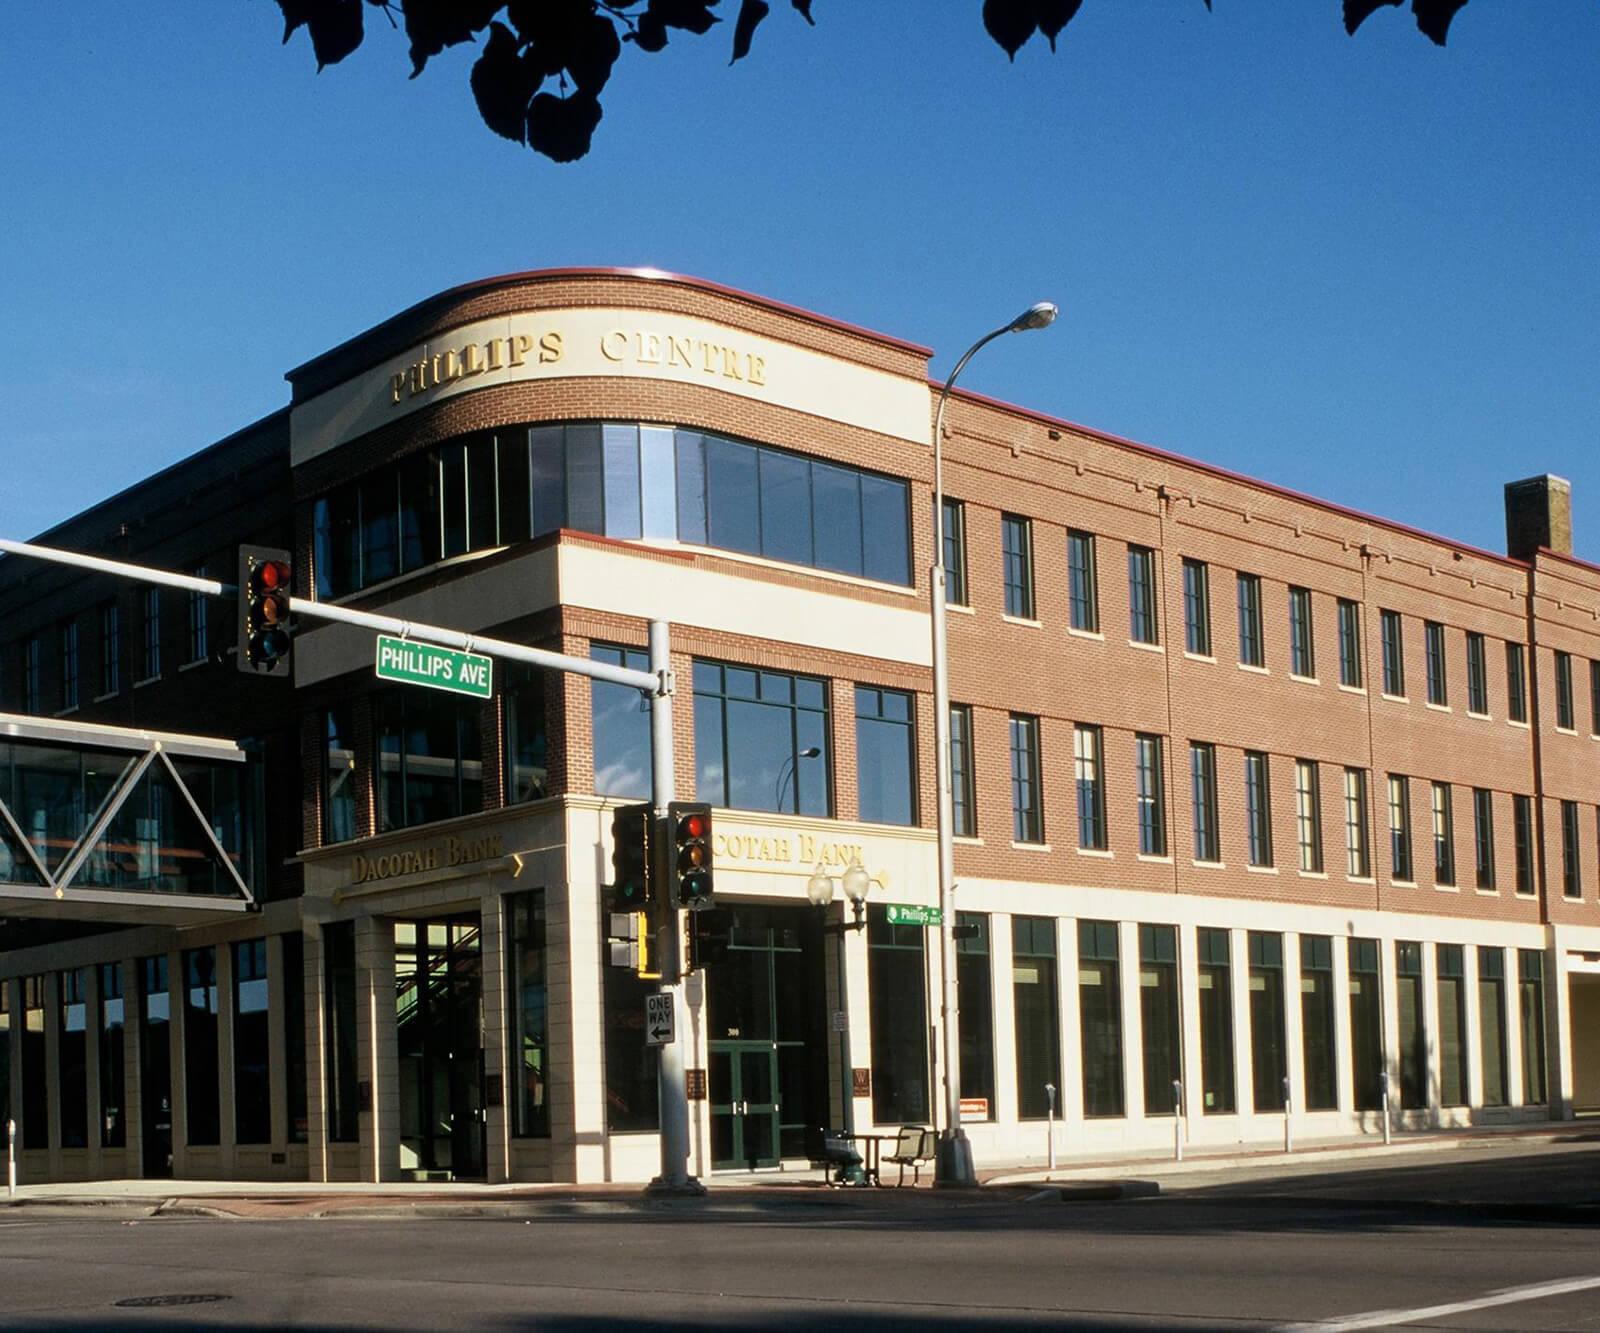 Phillips Center